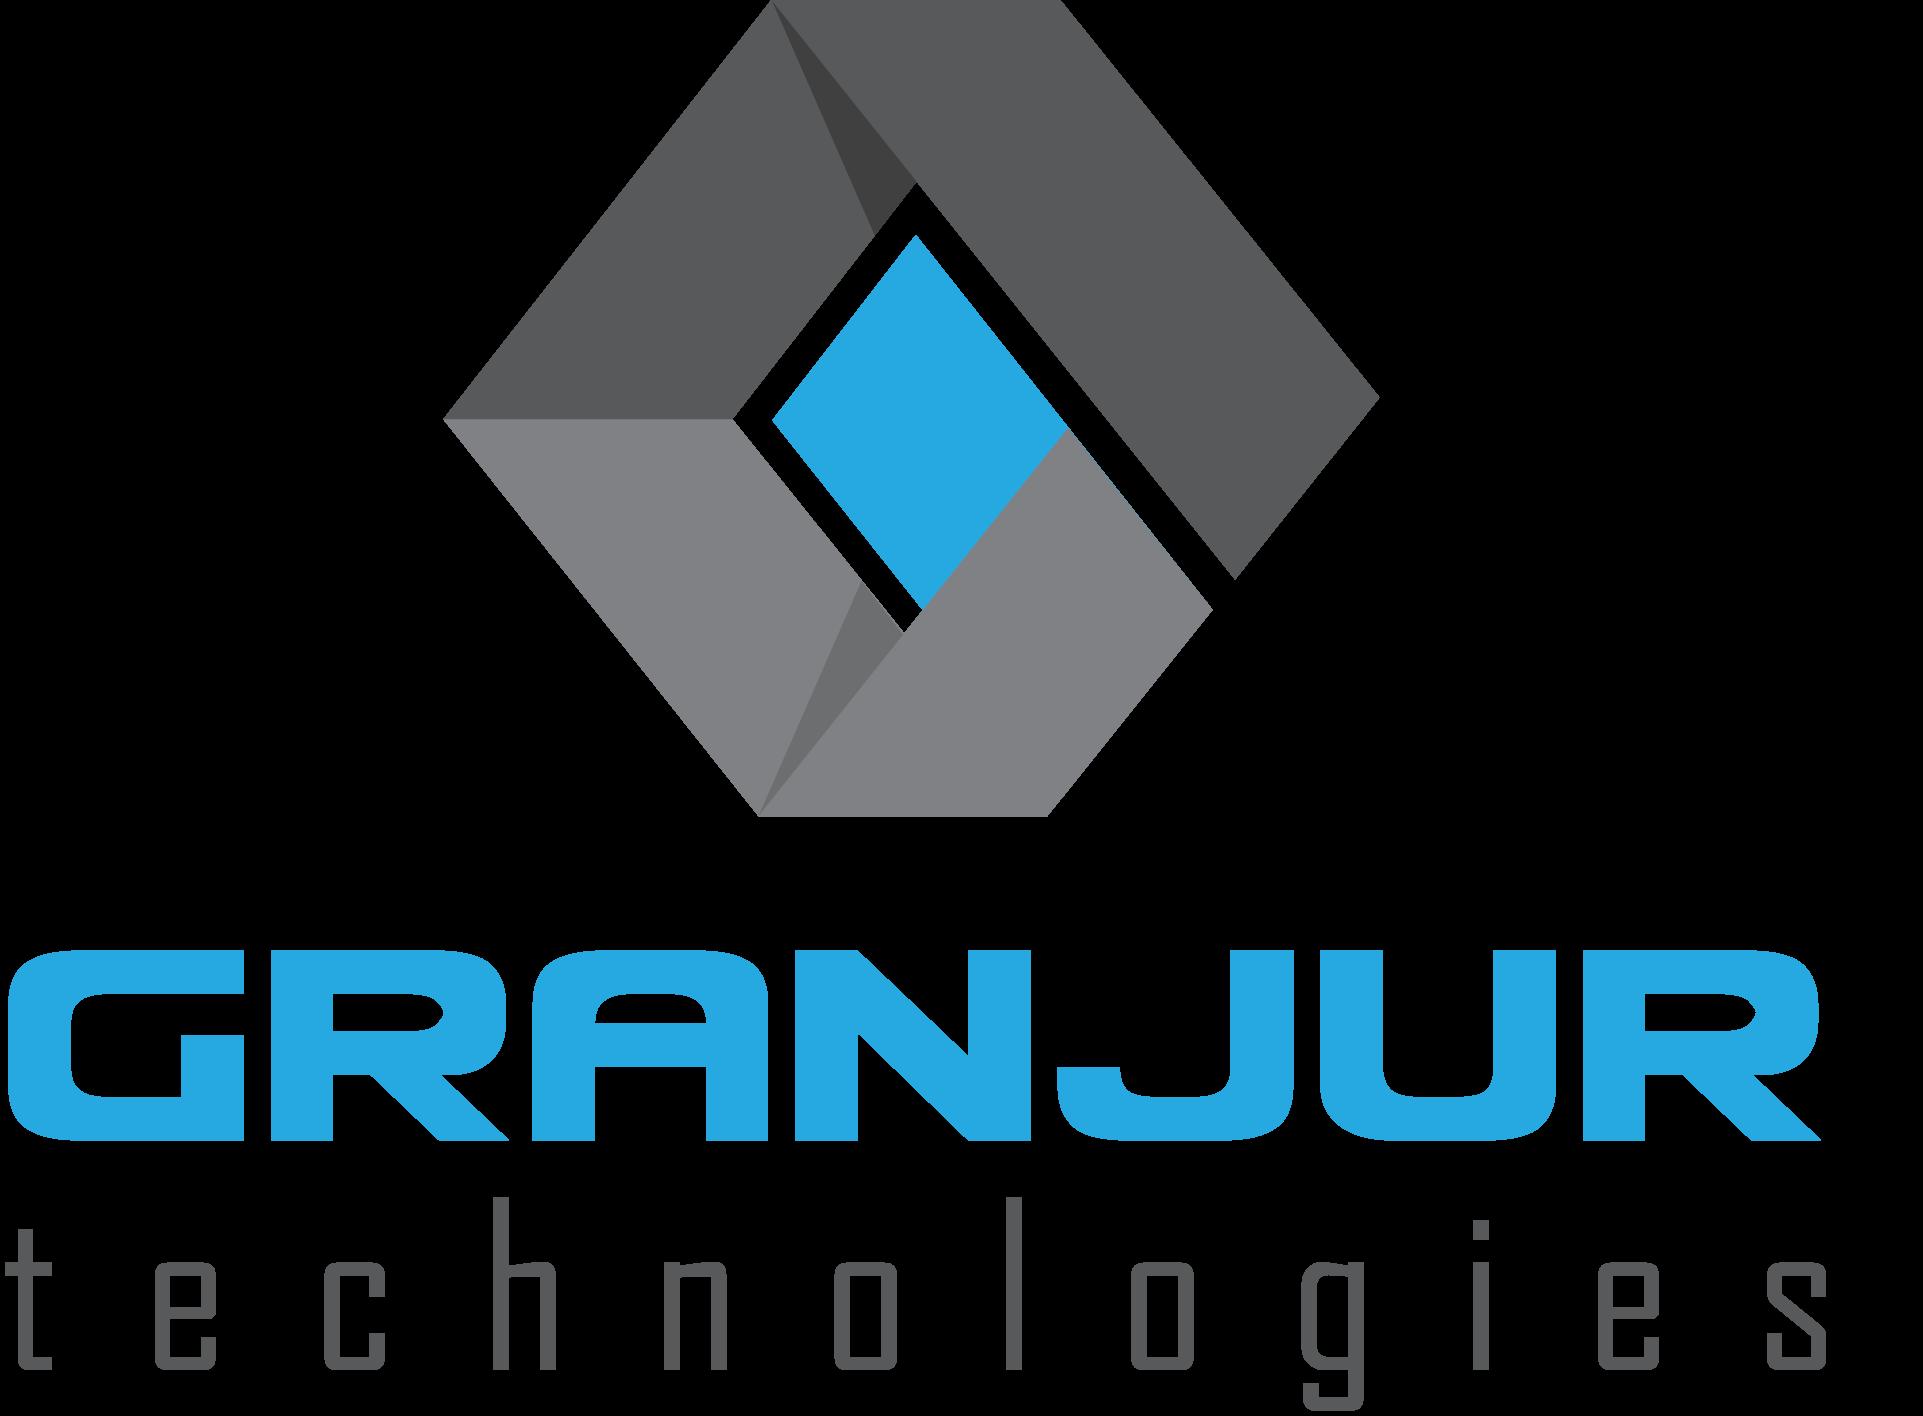 Granjur Technologies Logo